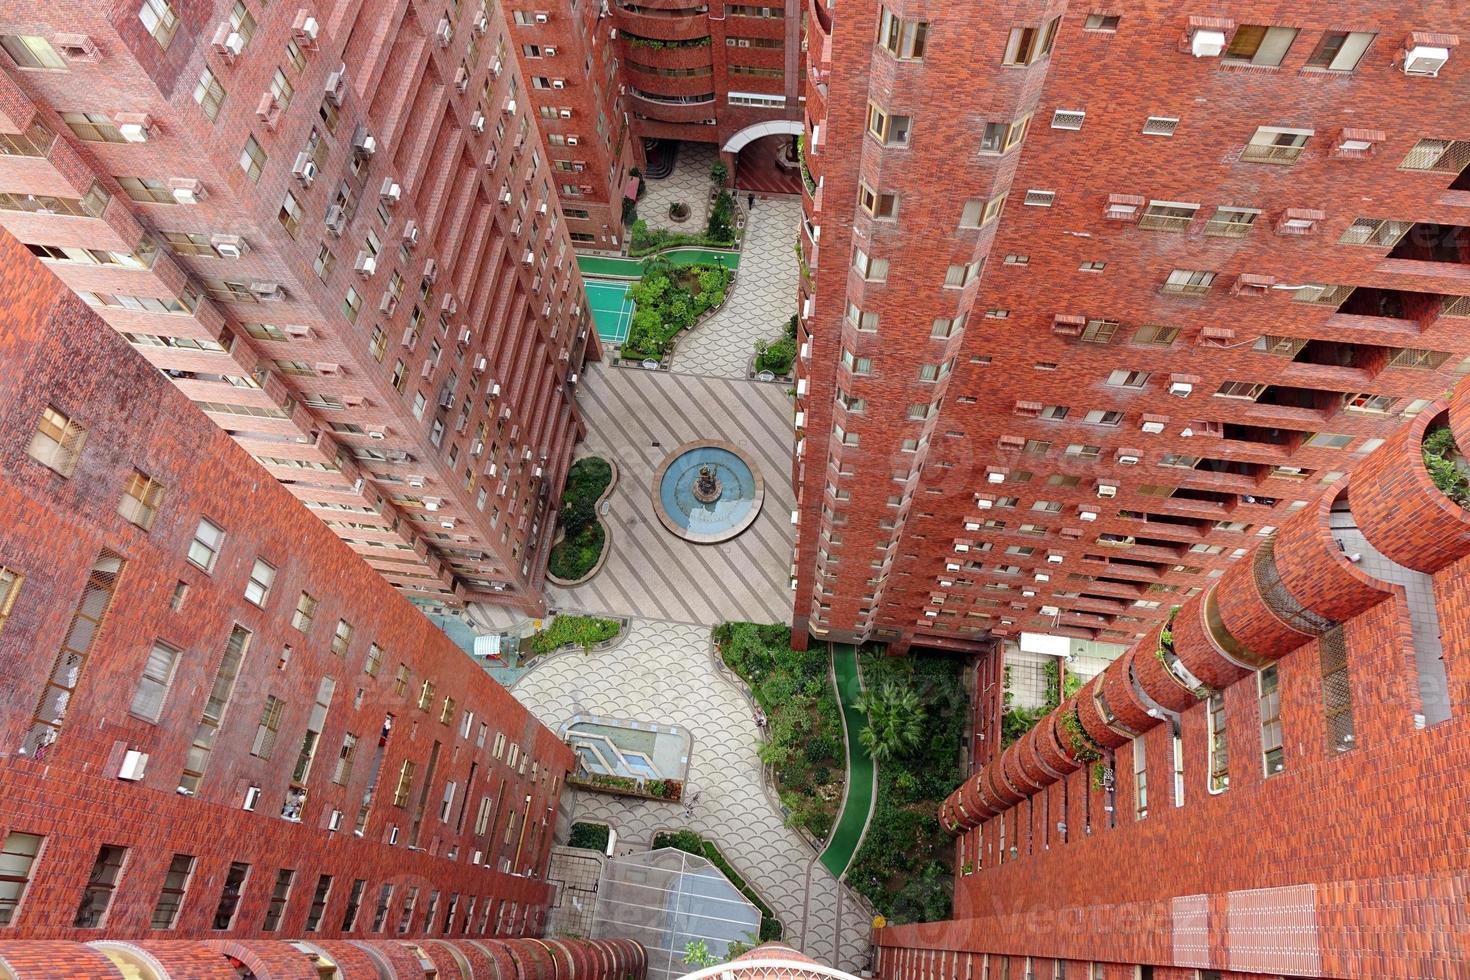 arranha-céus apartamentos residenciais foto